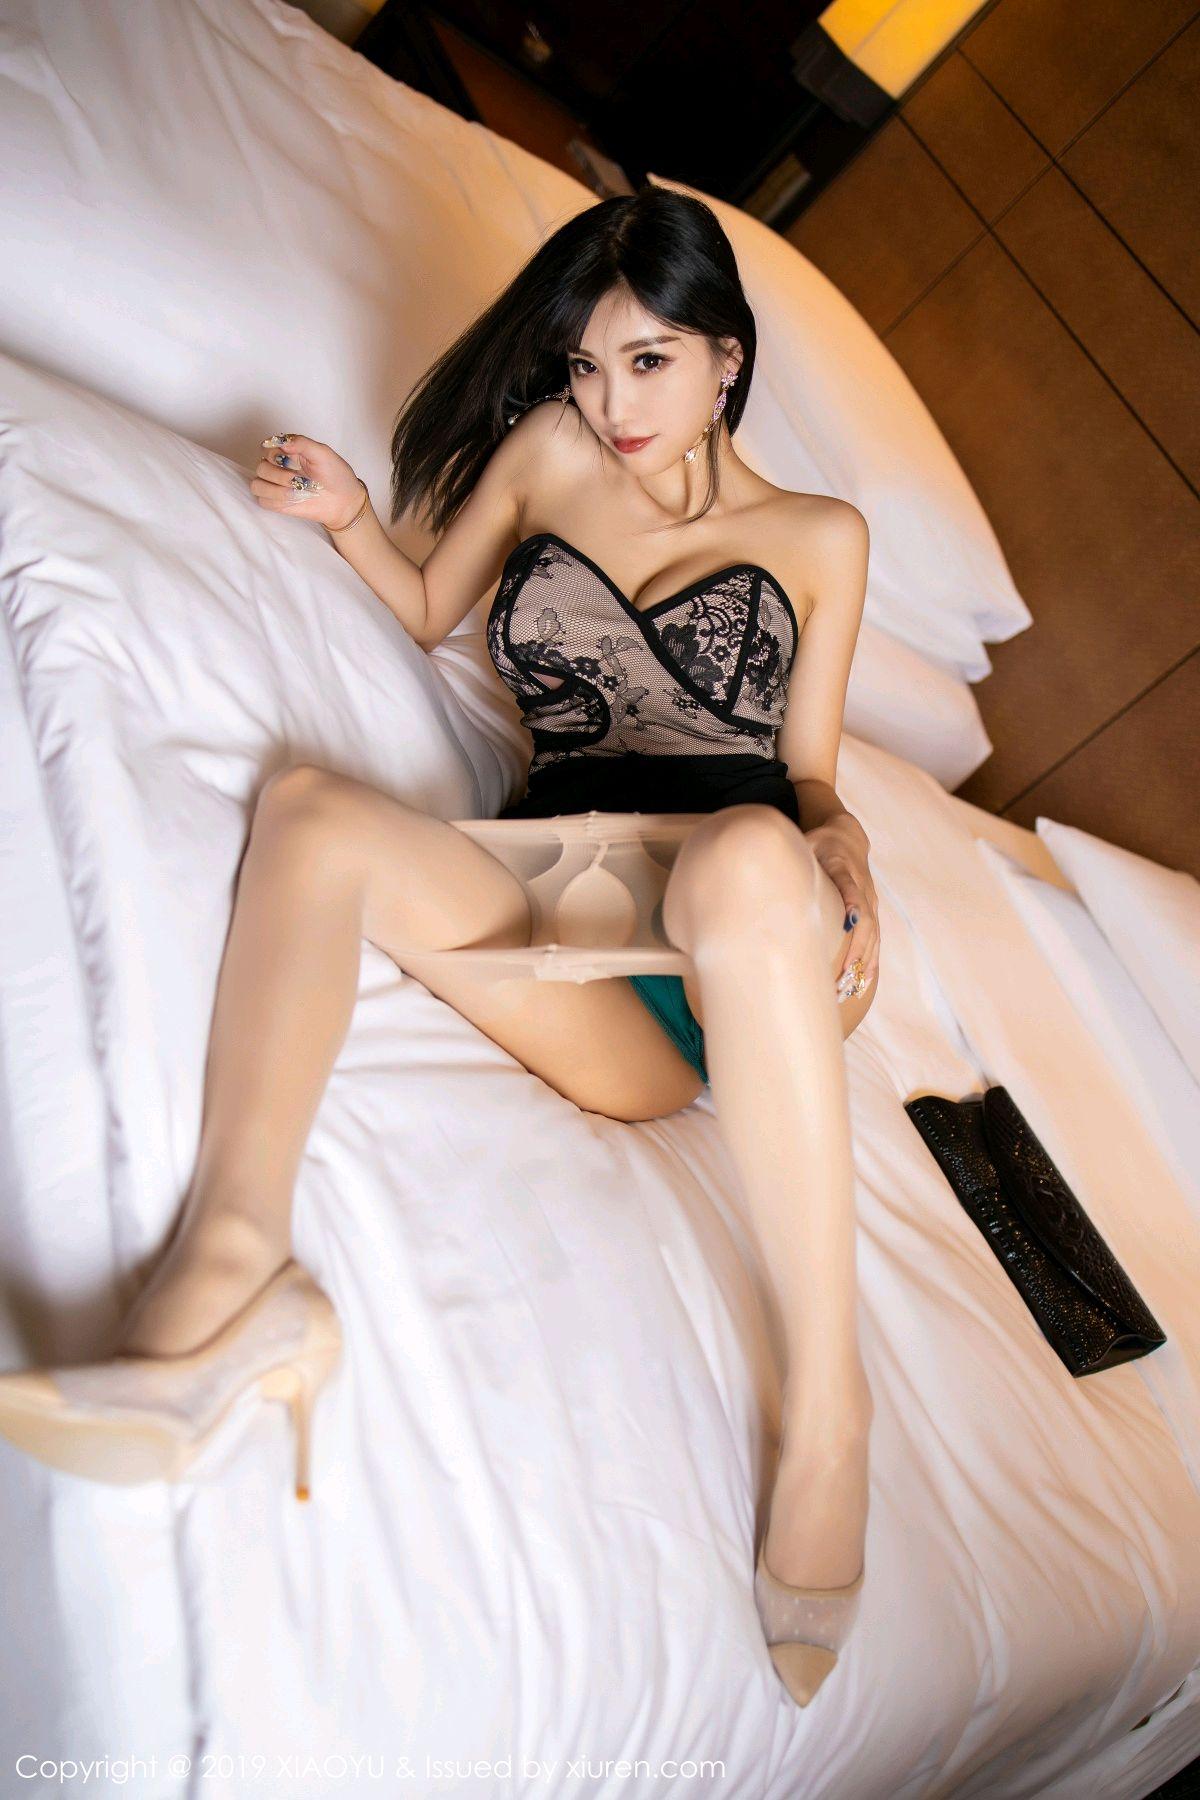 [XiaoYu] Vol.209 Yang Chen Chen 40P, Underwear, XiaoYu, Yang Chen Chen